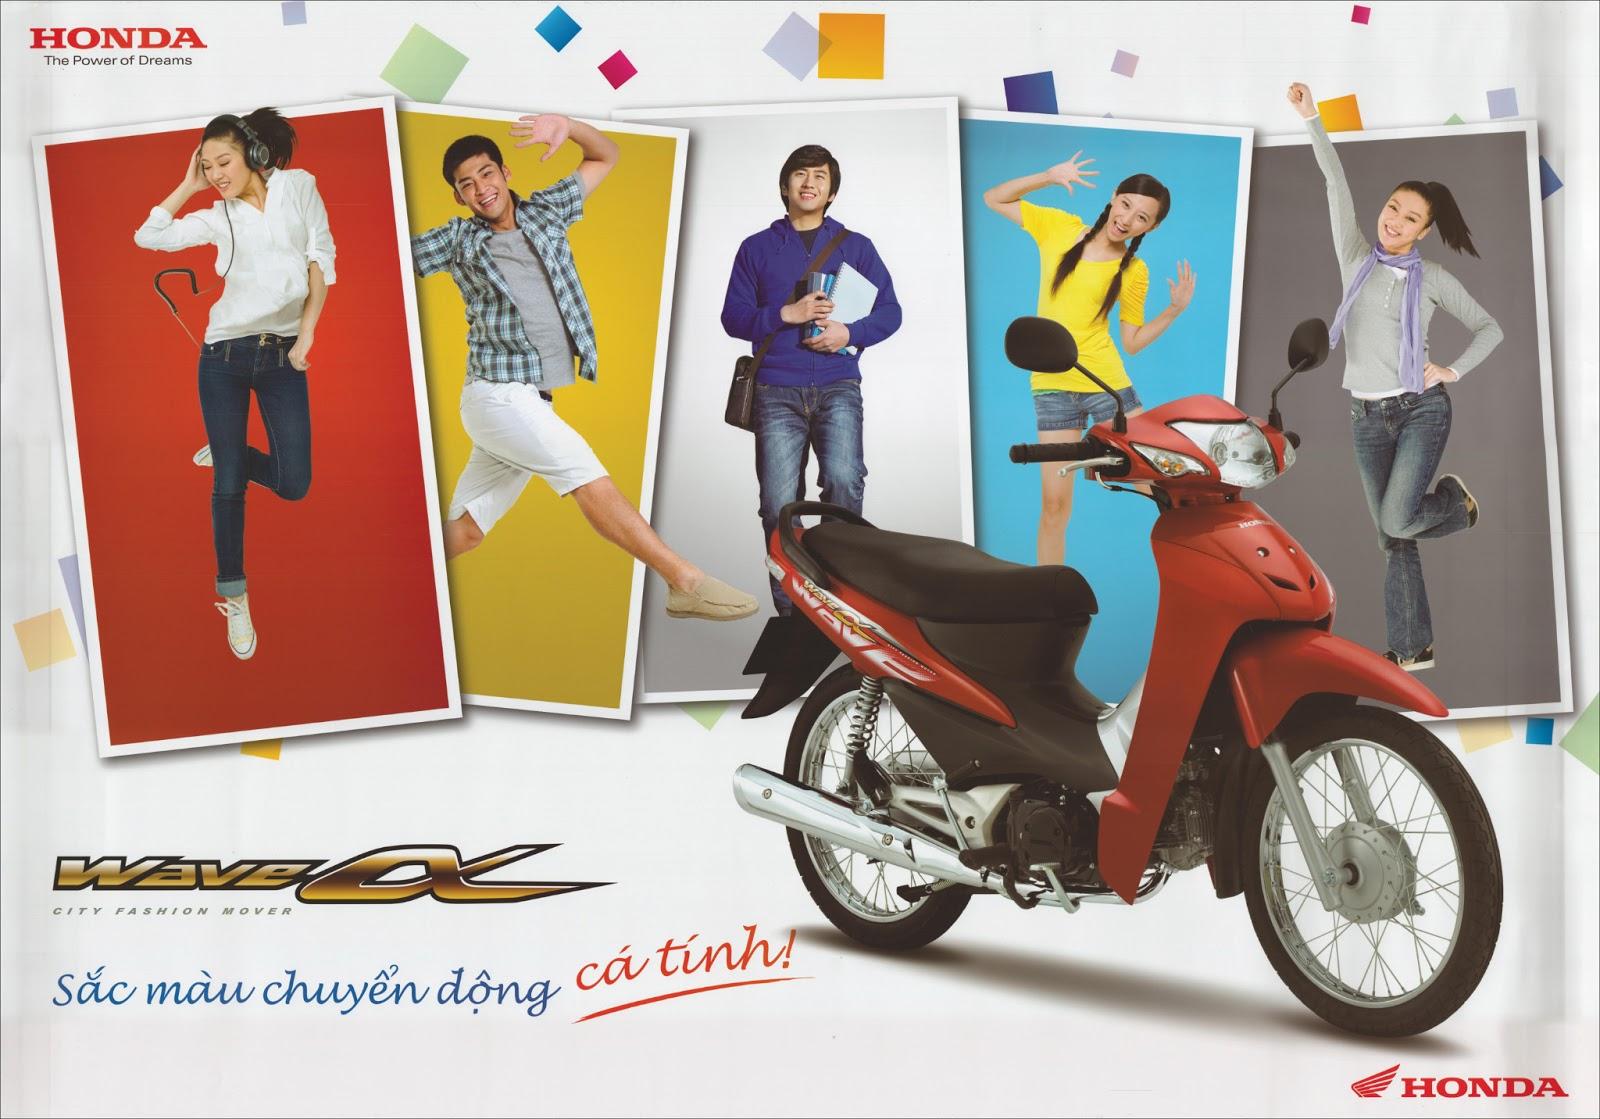 Tuyển nhân viên Nam làm bảo vệ cho Chương trình quảng cáo của HONDA Poster+honda02